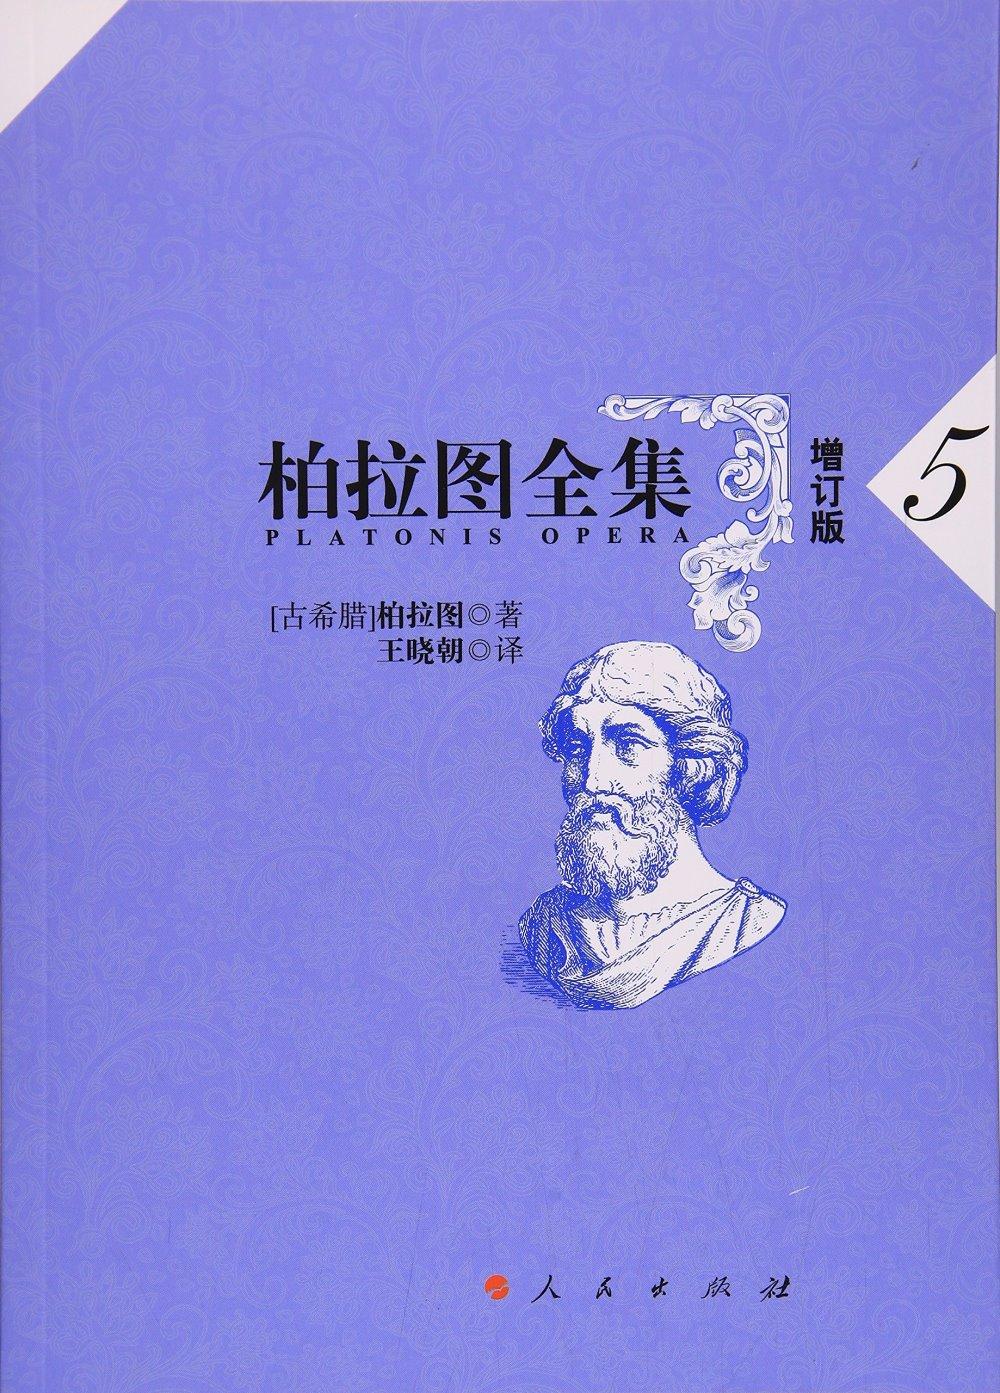 柏拉圖全集(增訂版)·5